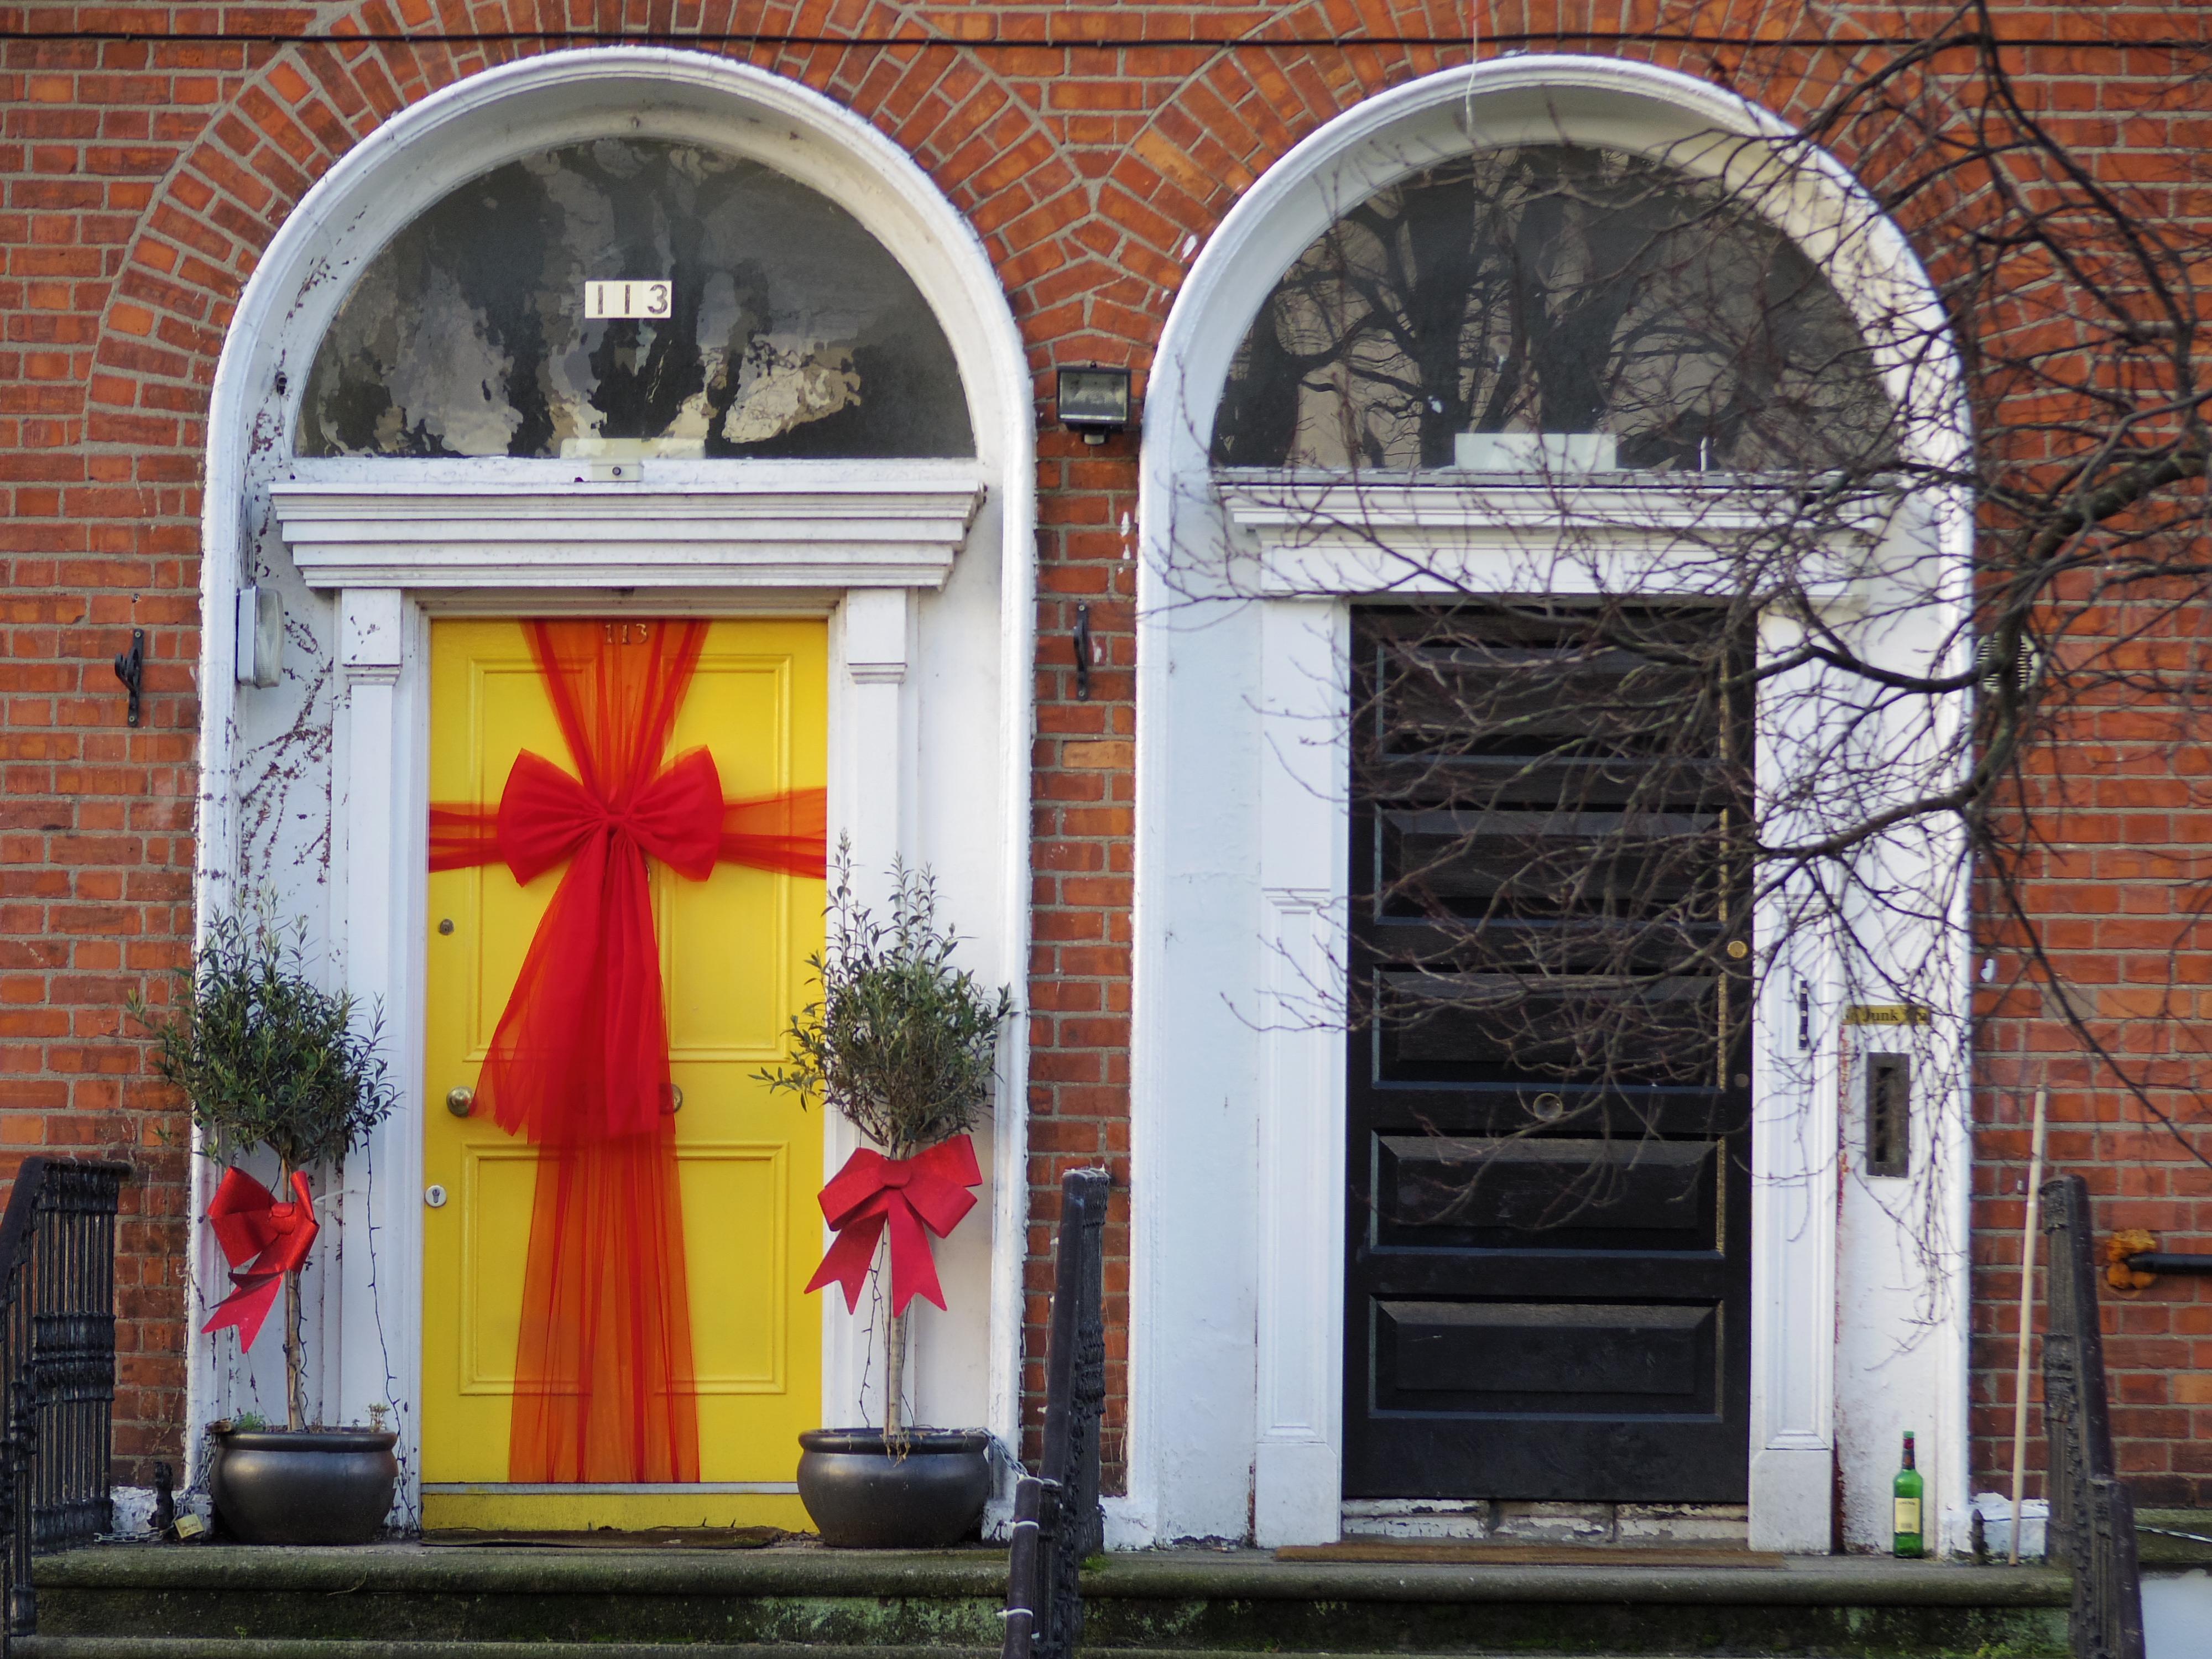 ダブリン街歩き。ドアがカラフルでかわいいんです。